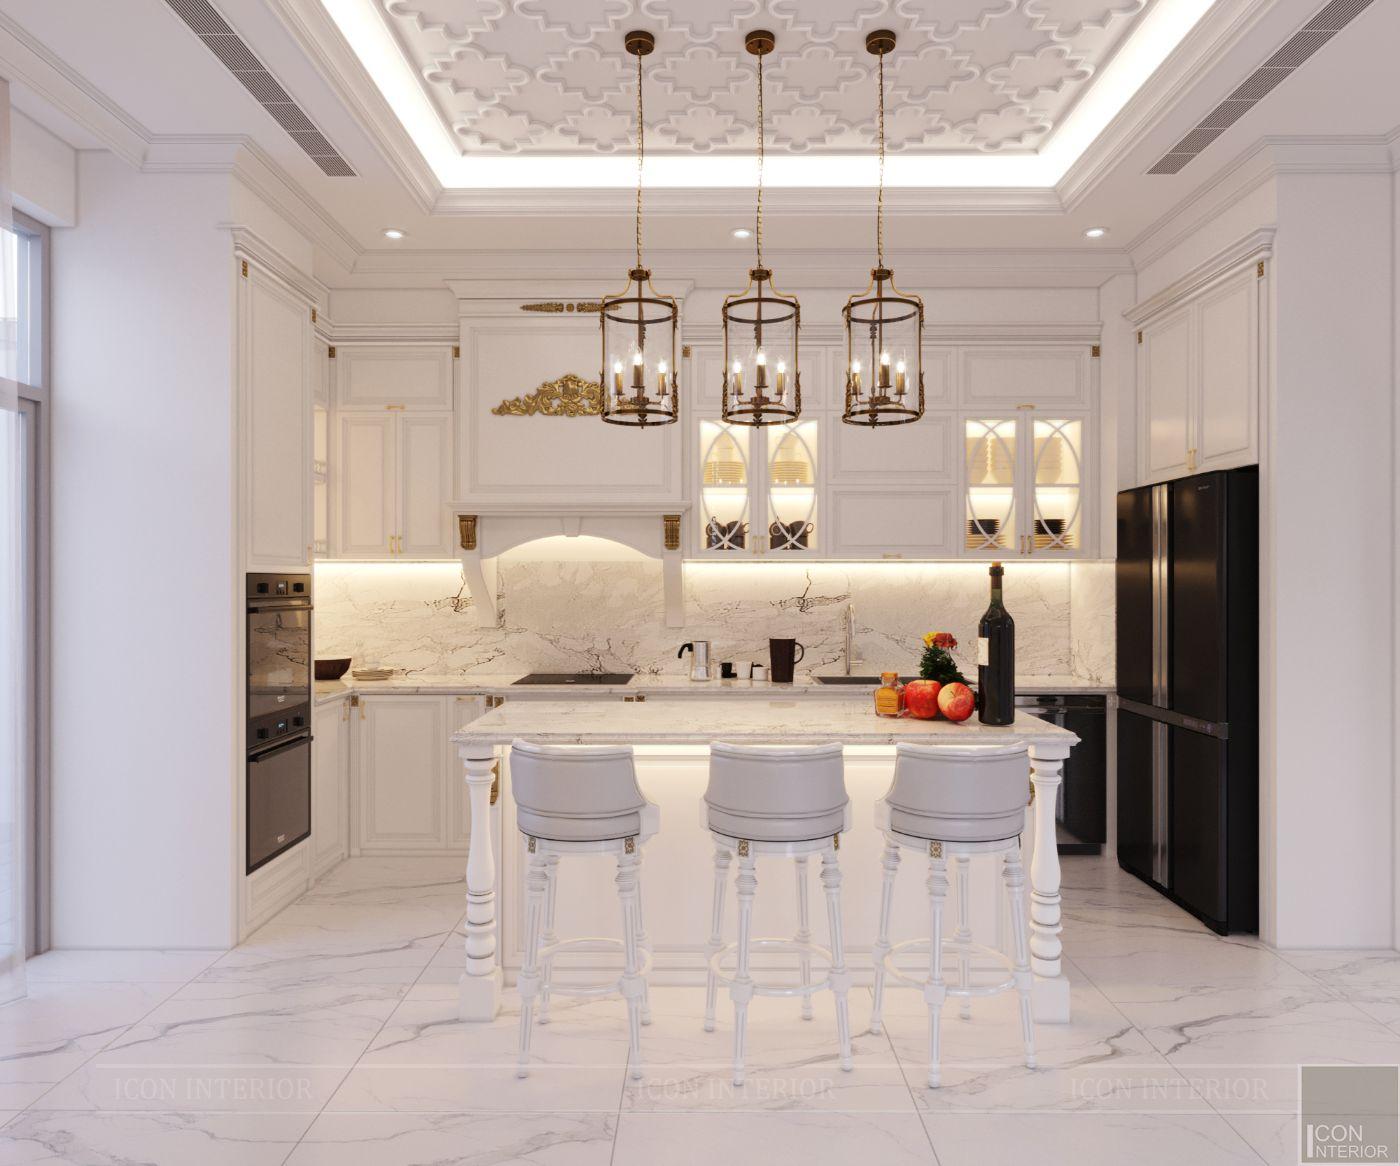 biệt thự tân cổ điển 2 tầng - phòng bếp